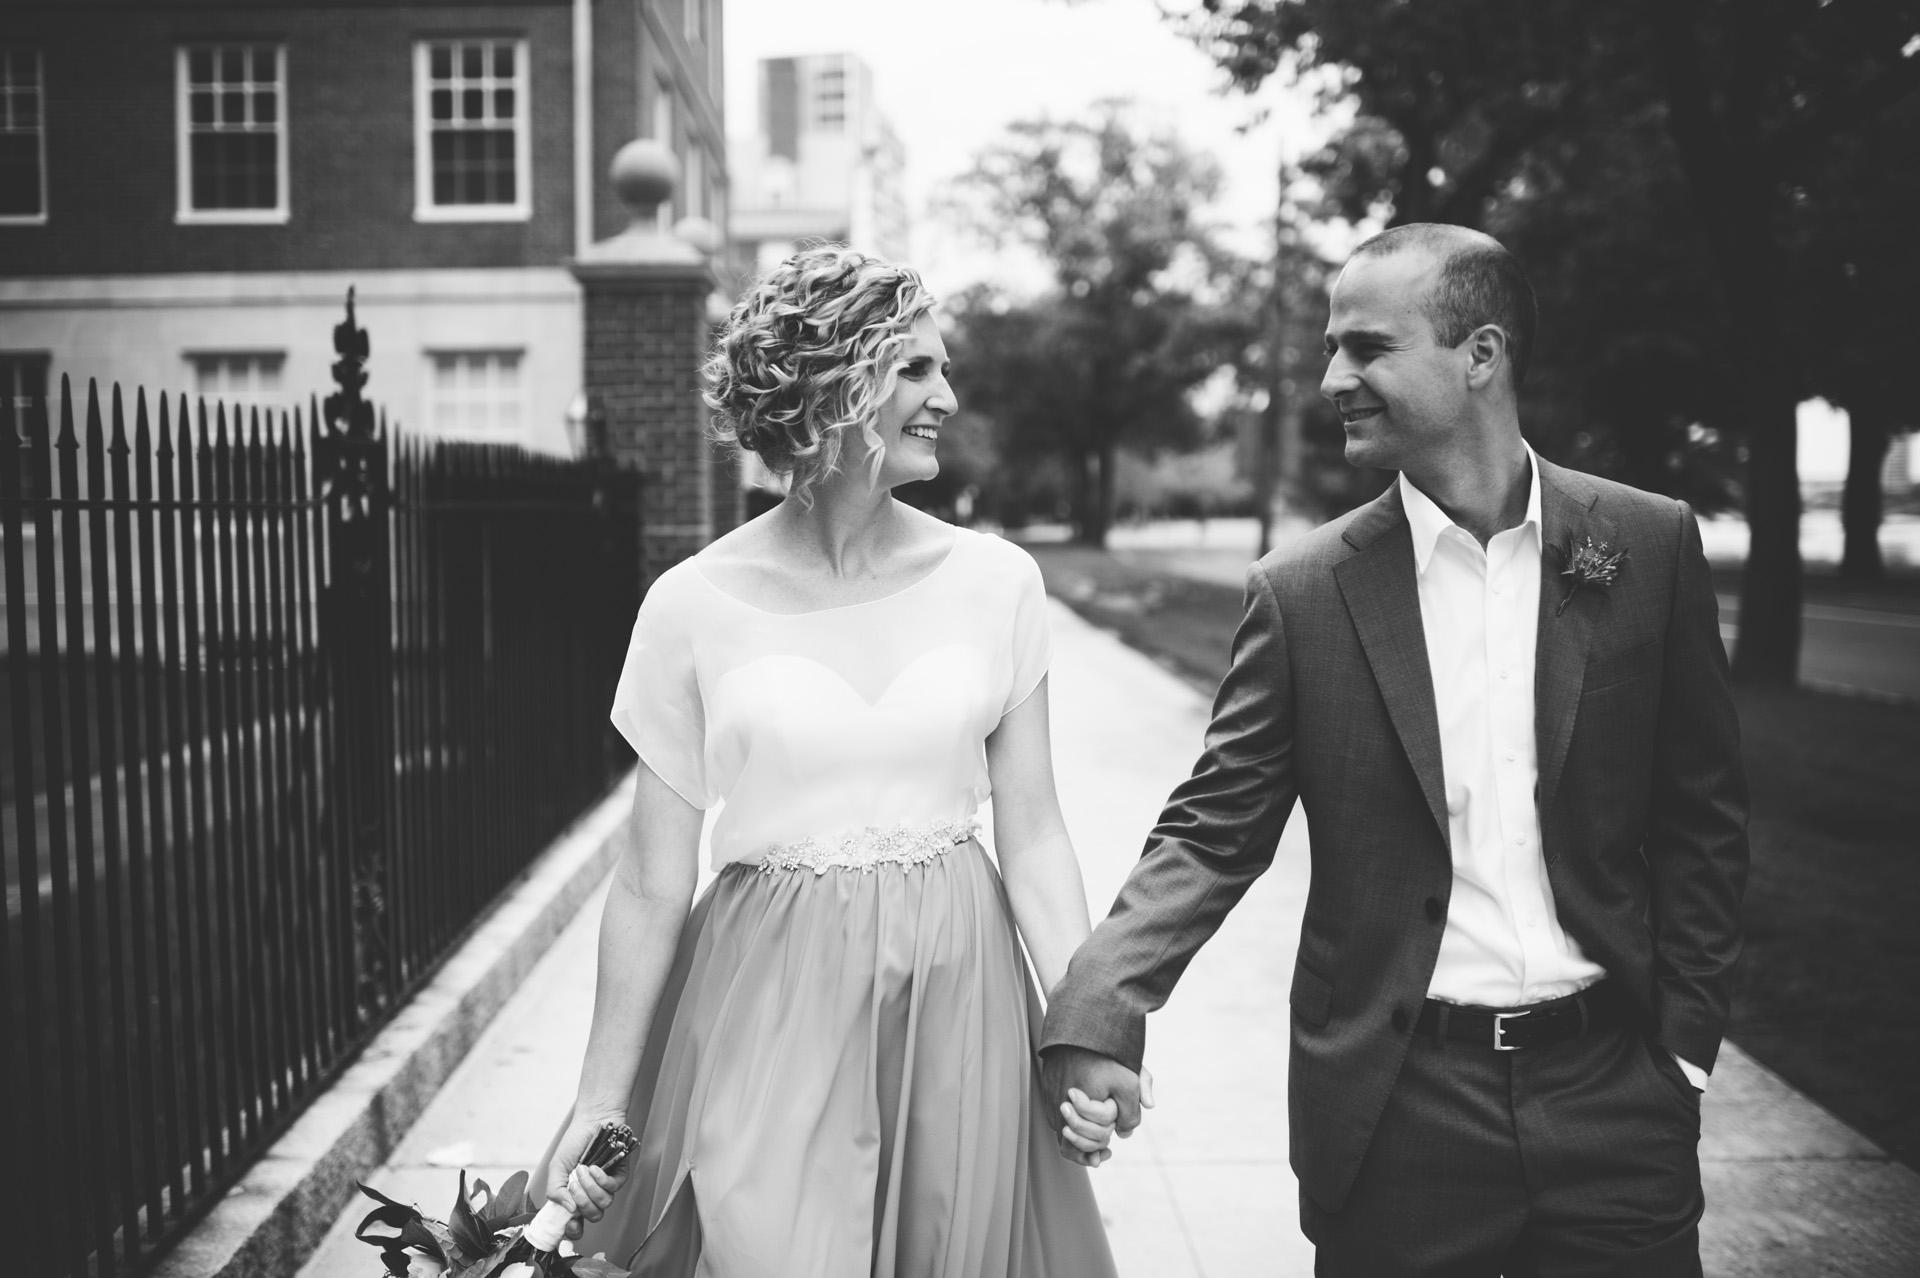 alden-harlow-wedding-photographer-24